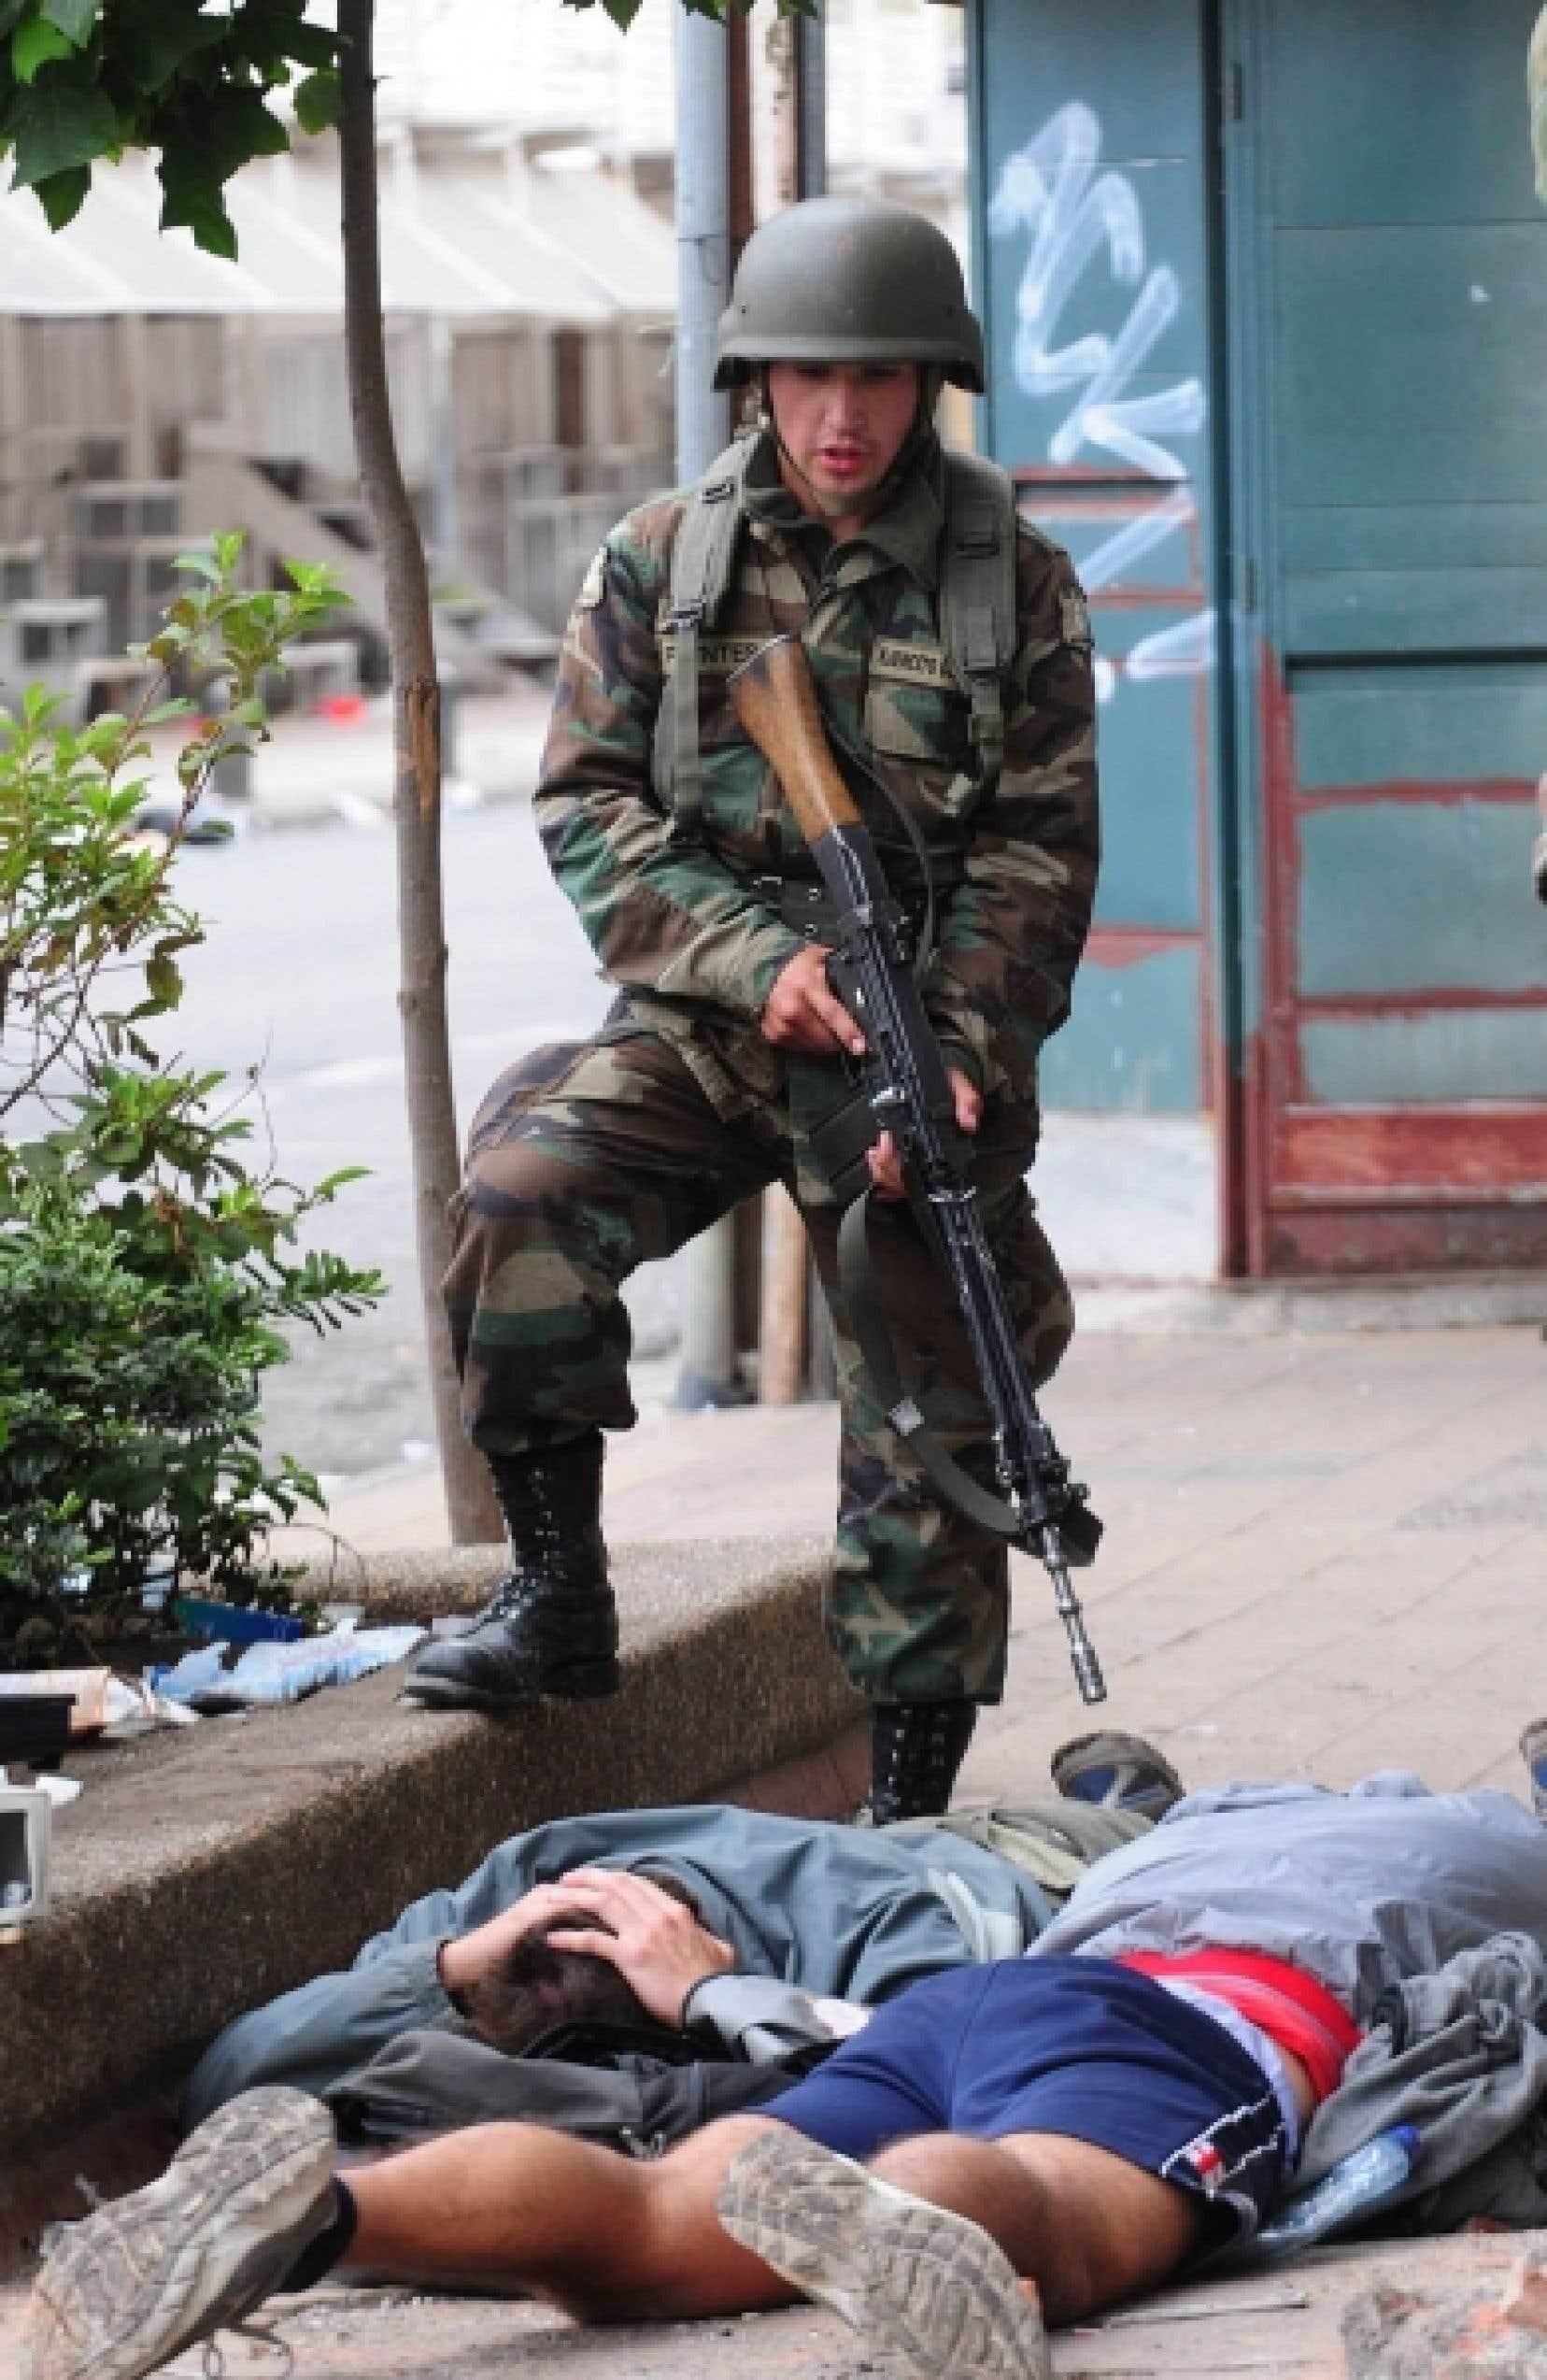 Les soldats déployés au centre du Chili sont là principalement pour ramener et maintenir l'ordre, alors que les pillages et les vols se sont multipliés depuis samedi, souvent pour une question de survie ou pour manifester contre les autorités.